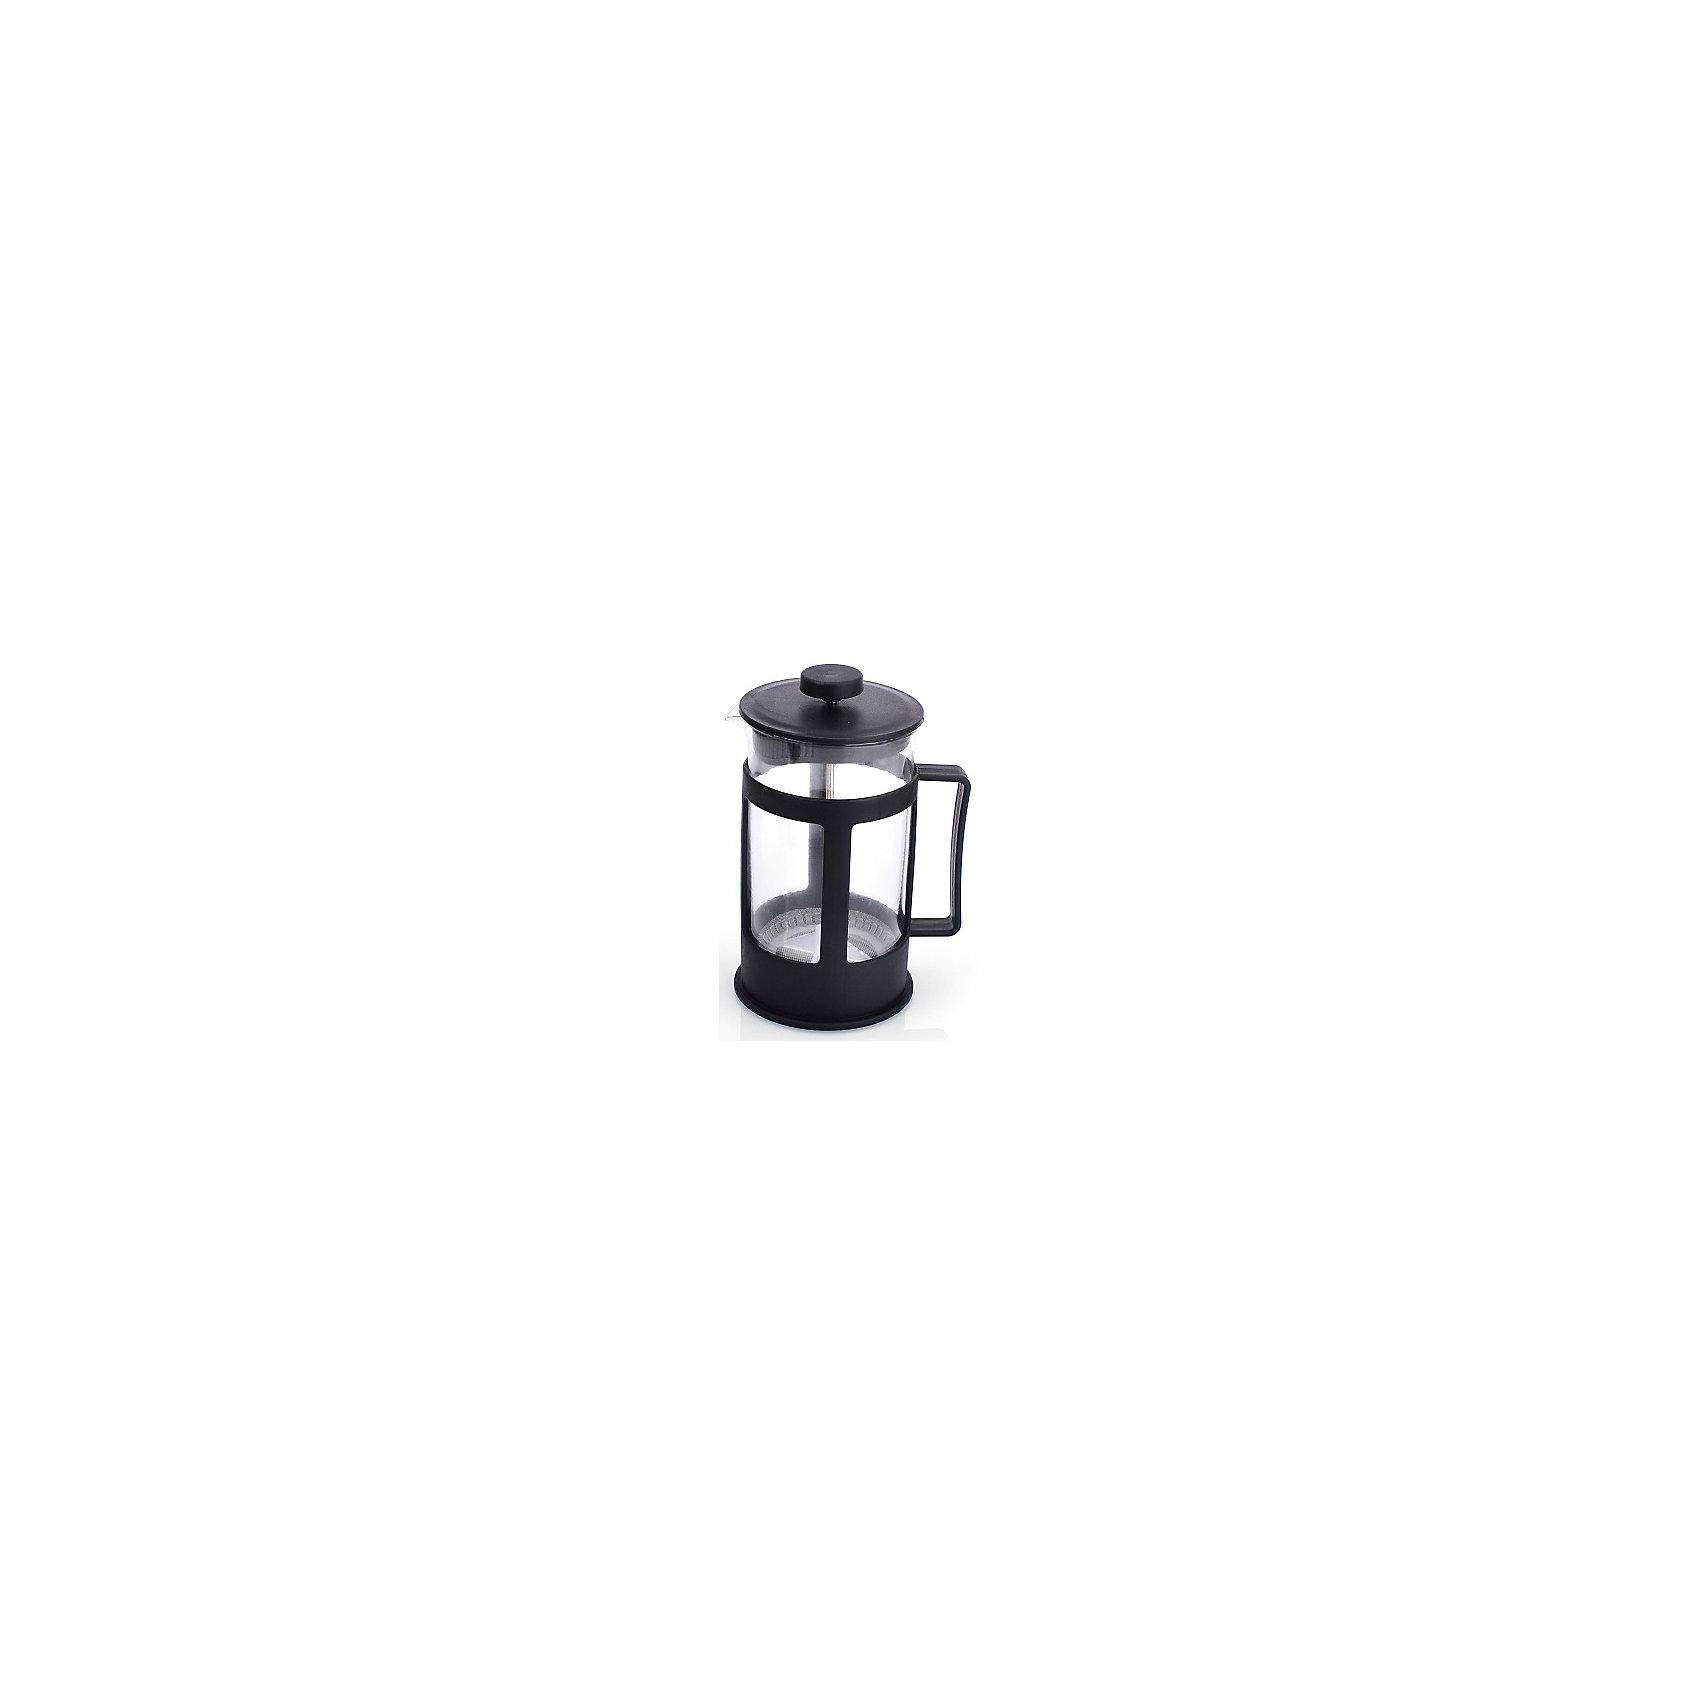 Кофейник стеклянный 600 мл, МФК-профит, черныйБытовая техника для кухни<br>Кофейник стеклянный 600 мл, МФК-профит, черный.<br><br>Характеристики:<br><br>• Объем: 600 мл.<br>• Цвет: черный<br>• Материал: стекло, пластик<br>• Размер упаковки: 11х10х18 см.<br>• Вес: 347 гр.<br><br>Кофейник для приготовления кофе, чая и настоев изготовлен из экологически чистых и безопасных материалов: корпус из высококачественного нетоксичного пластика, колба из термостойкого стекла (термостойкость до 100 ?С). Кофейник имеет удобную ручку. Не рекомендуется использовать в микроволновой печи.<br><br>Кофейник стеклянный 600 мл, МФК-профит, черный можно купить в нашем интернет-магазине.<br><br>Ширина мм: 110<br>Глубина мм: 100<br>Высота мм: 180<br>Вес г: 347<br>Возраст от месяцев: 36<br>Возраст до месяцев: 1188<br>Пол: Унисекс<br>Возраст: Детский<br>SKU: 5601145